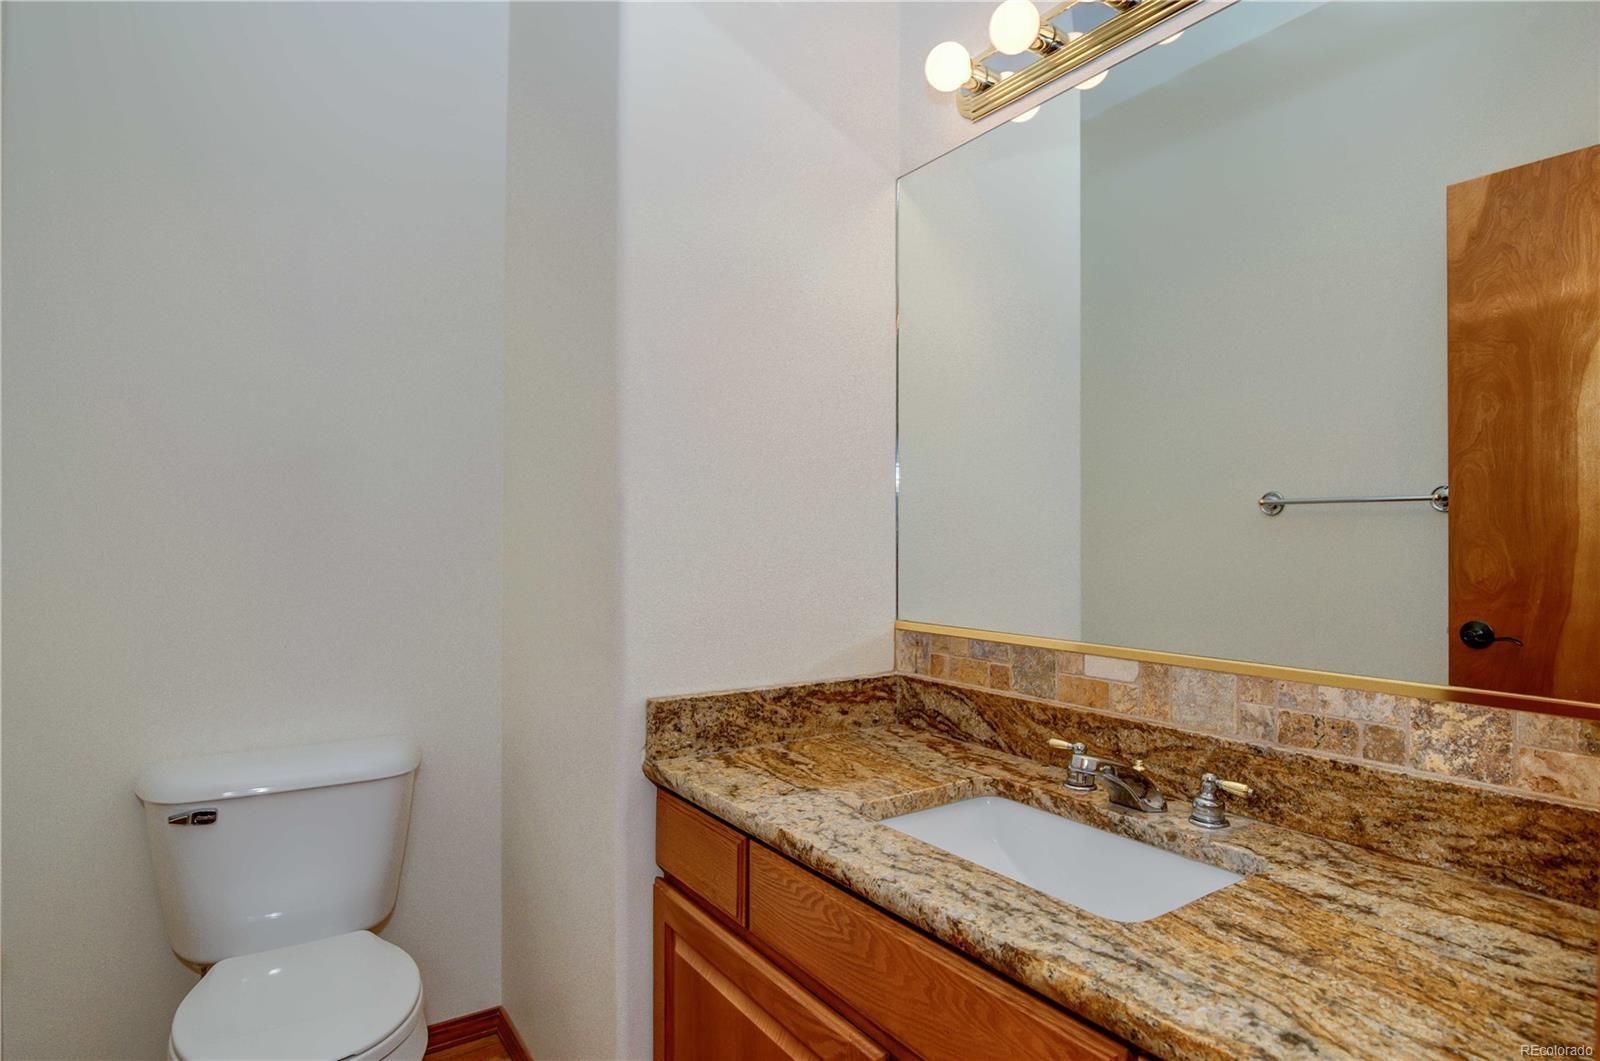 MLS# 5456451 - 14 - 15971 Woodmeadow Court, Colorado Springs, CO 80921